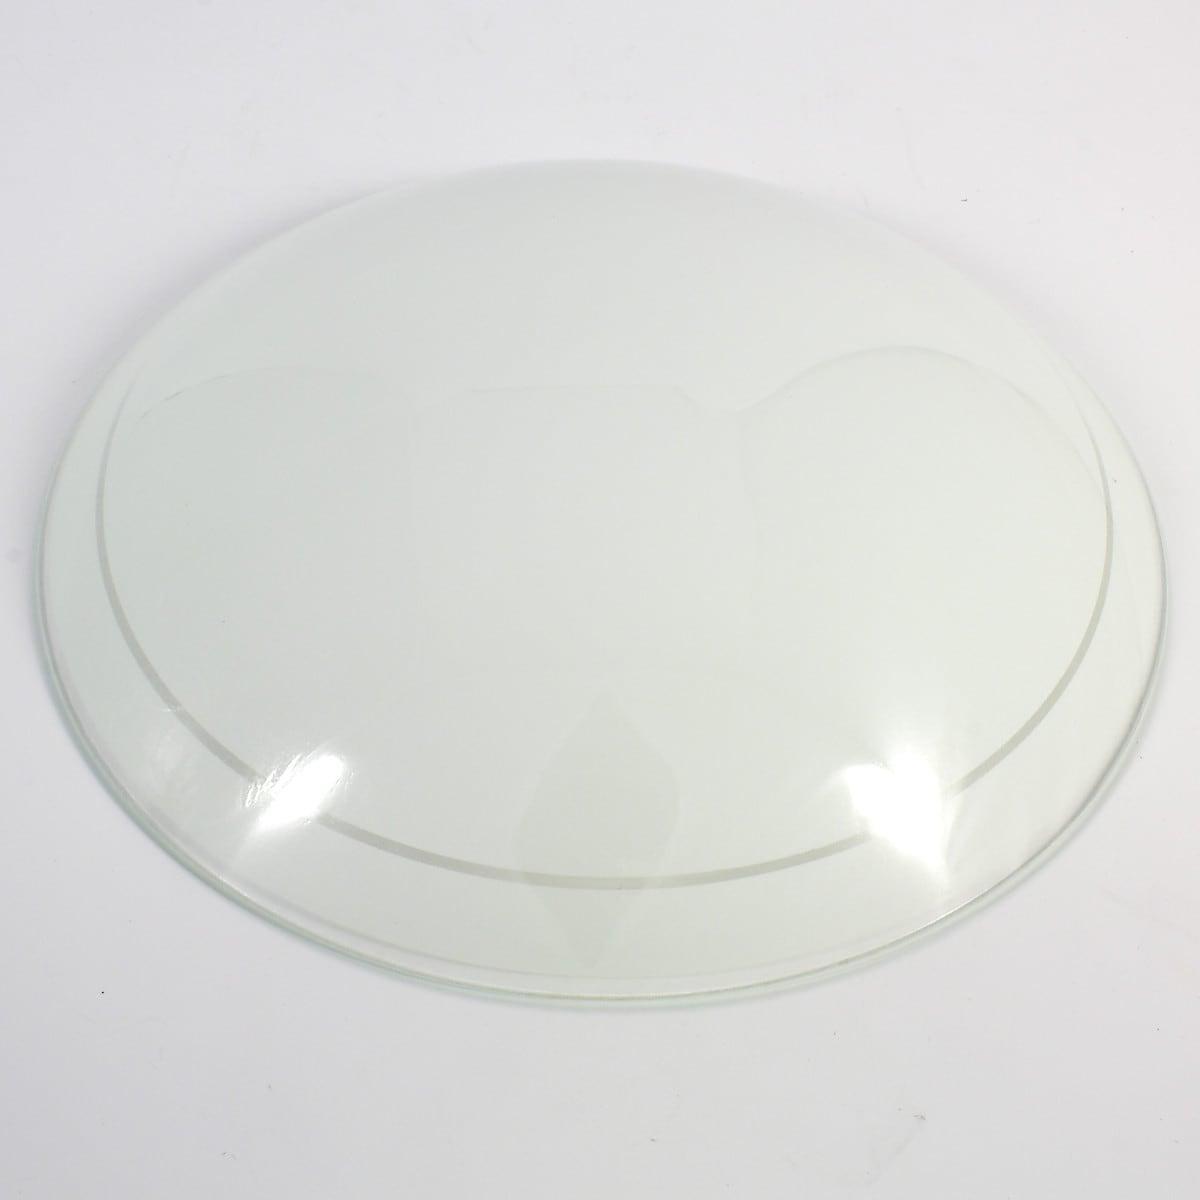 GLASSKUPPEL